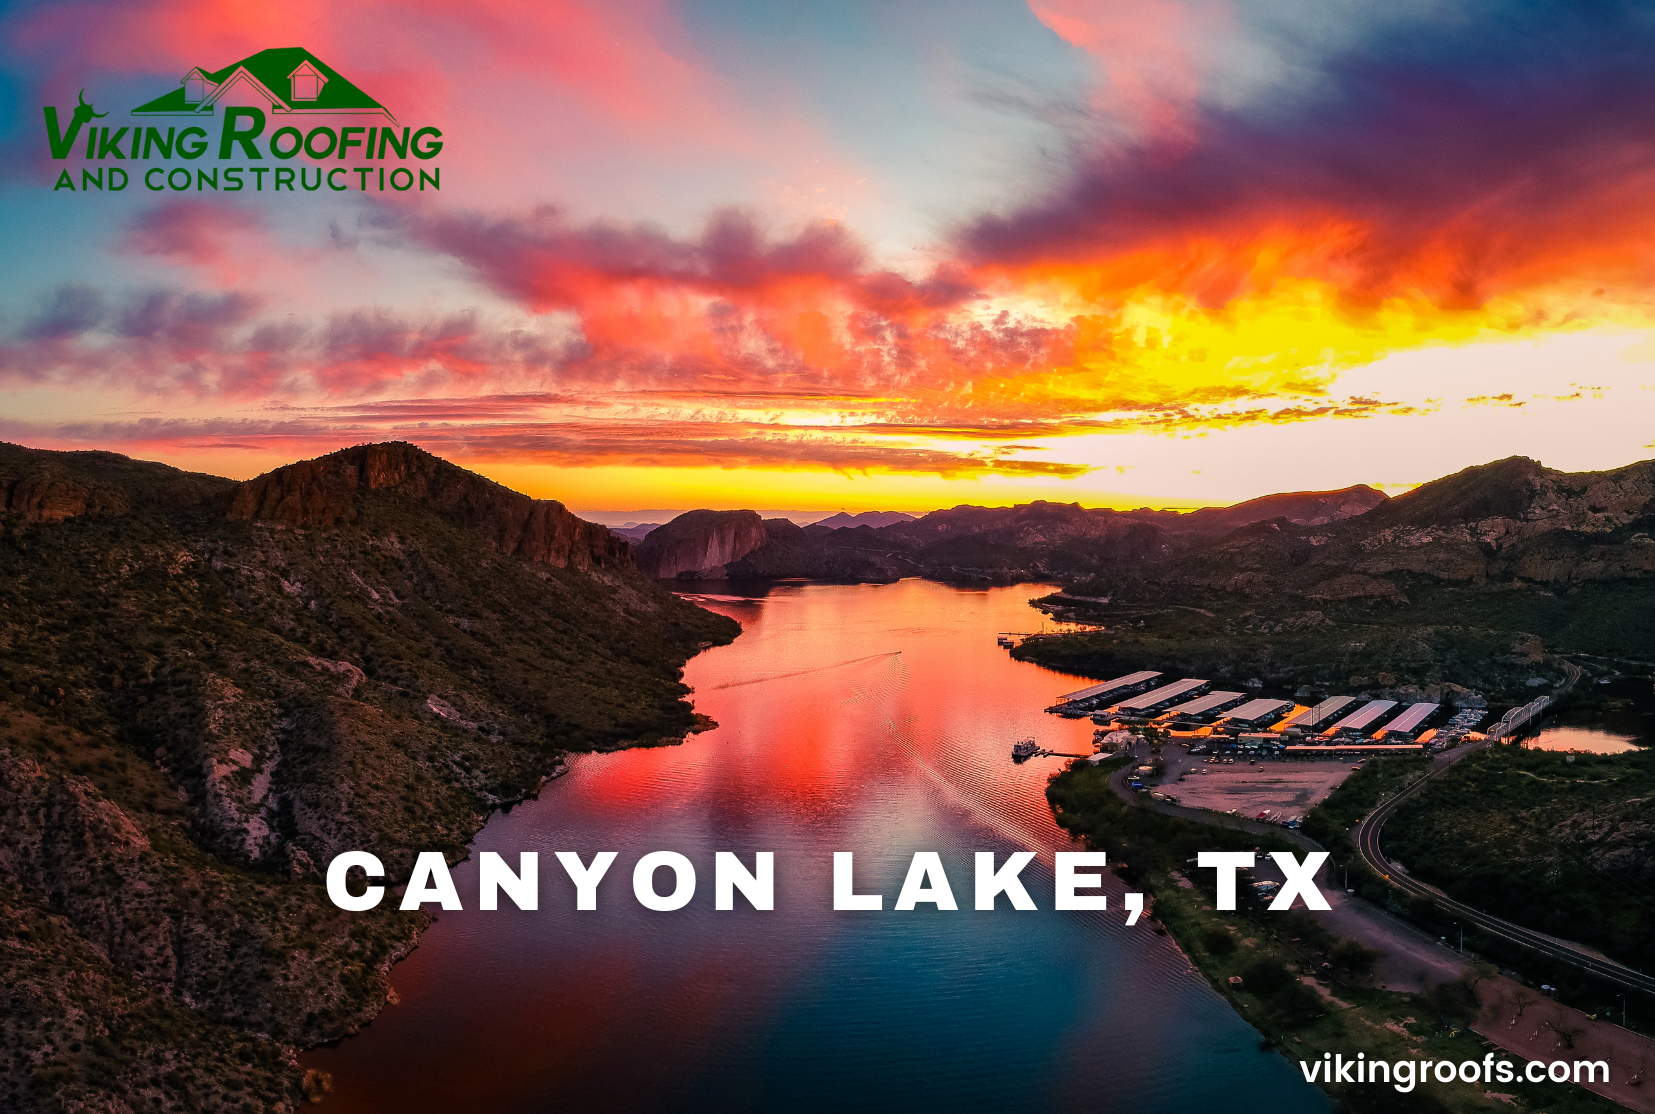 Viking Roofing - Canyon Lake, TX